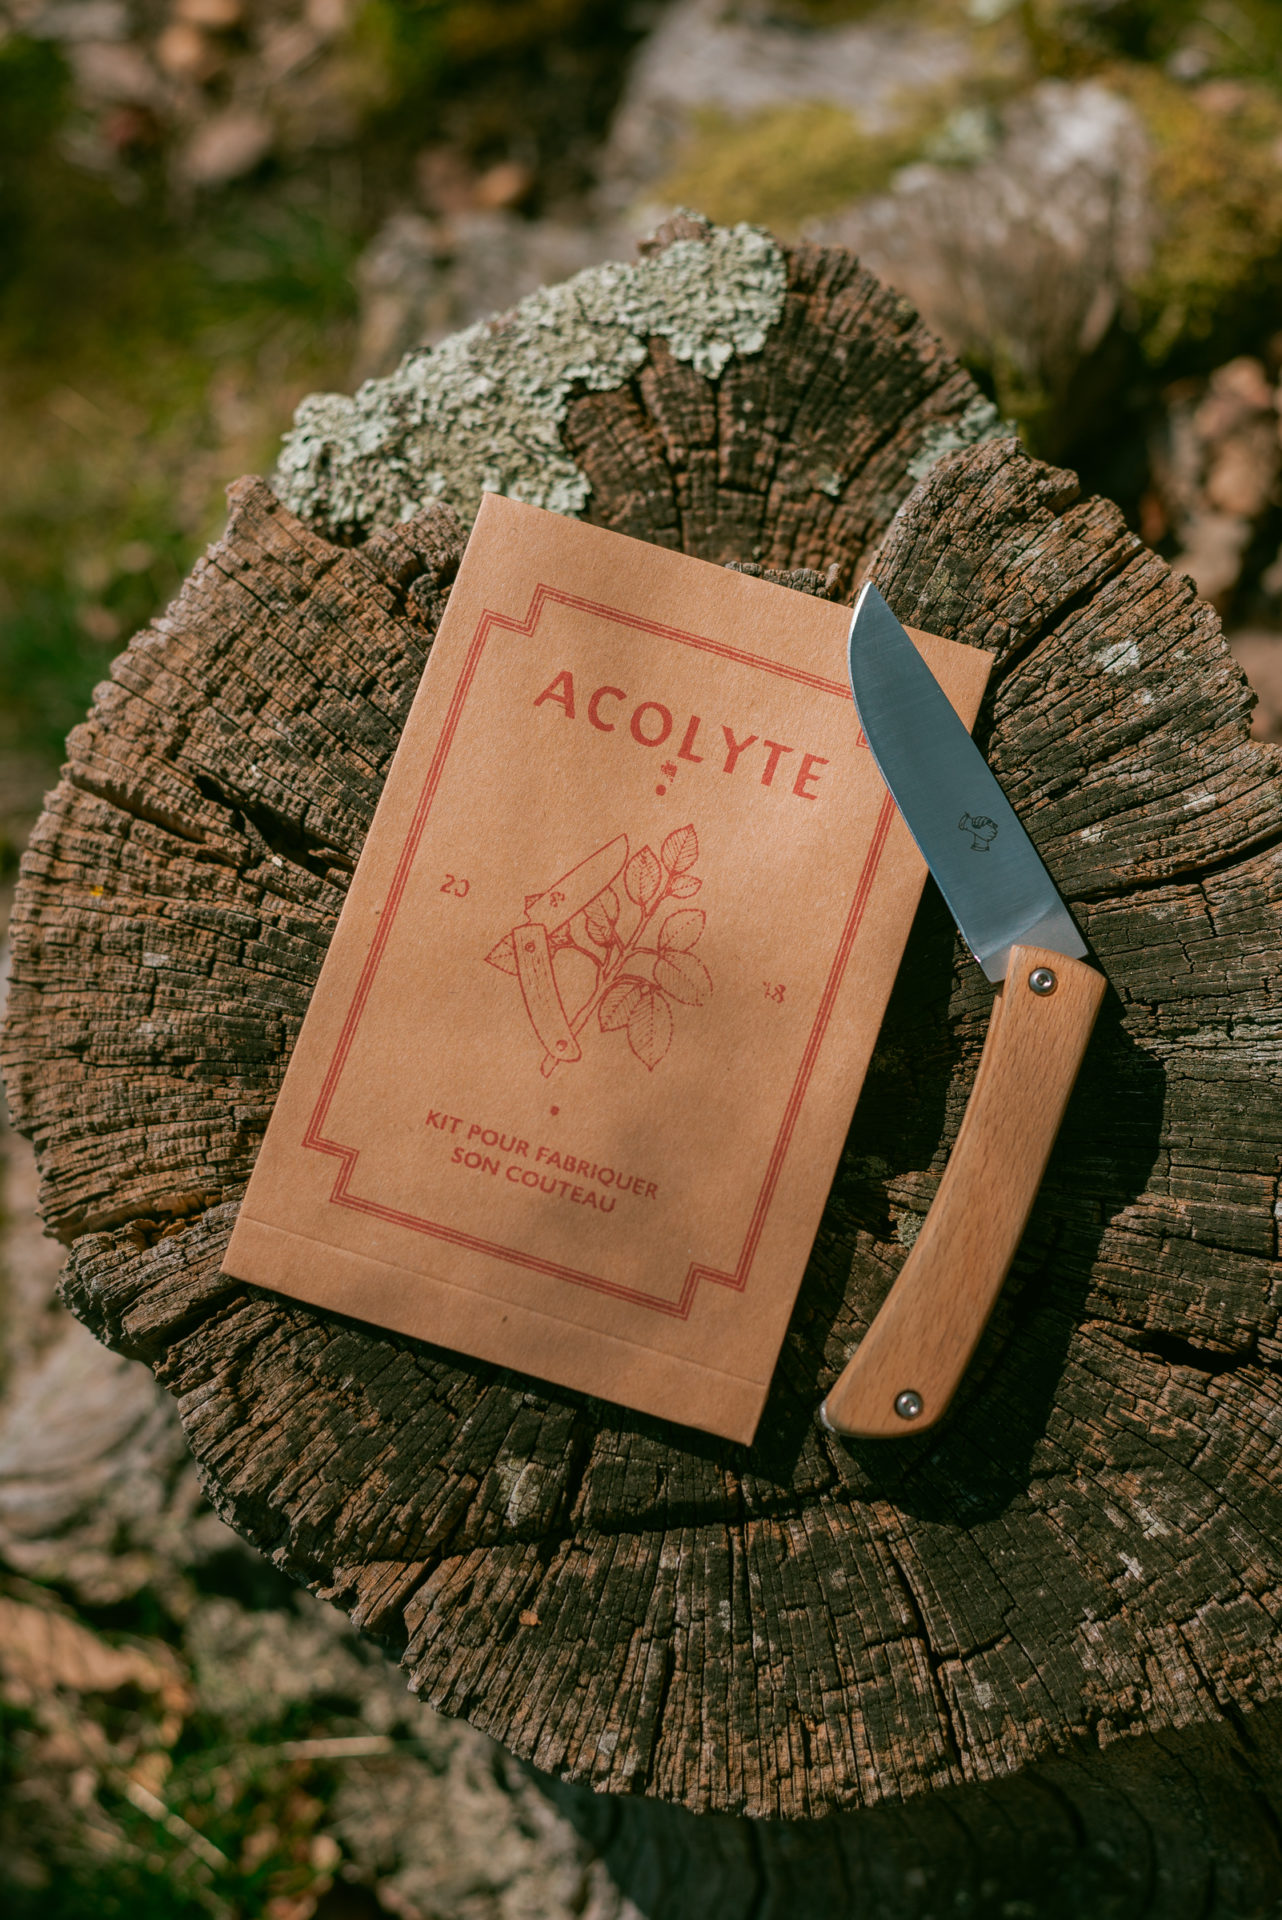 couteau de poche acolyte posé sur une souche d'arbre